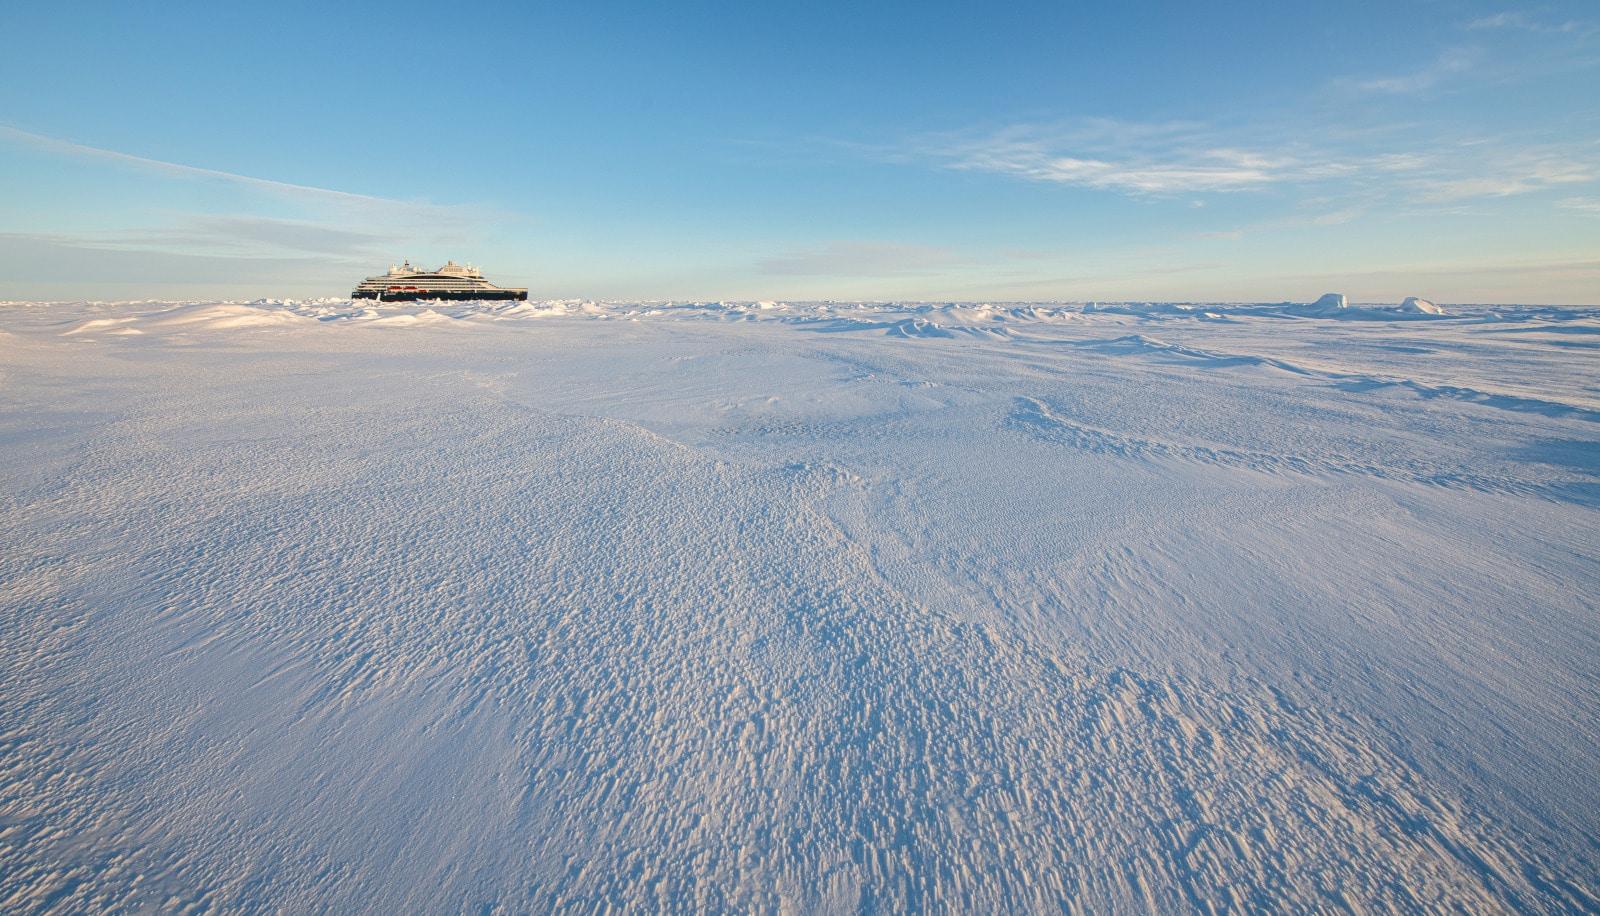 Commandant Charcot, navire d'exploration polaire